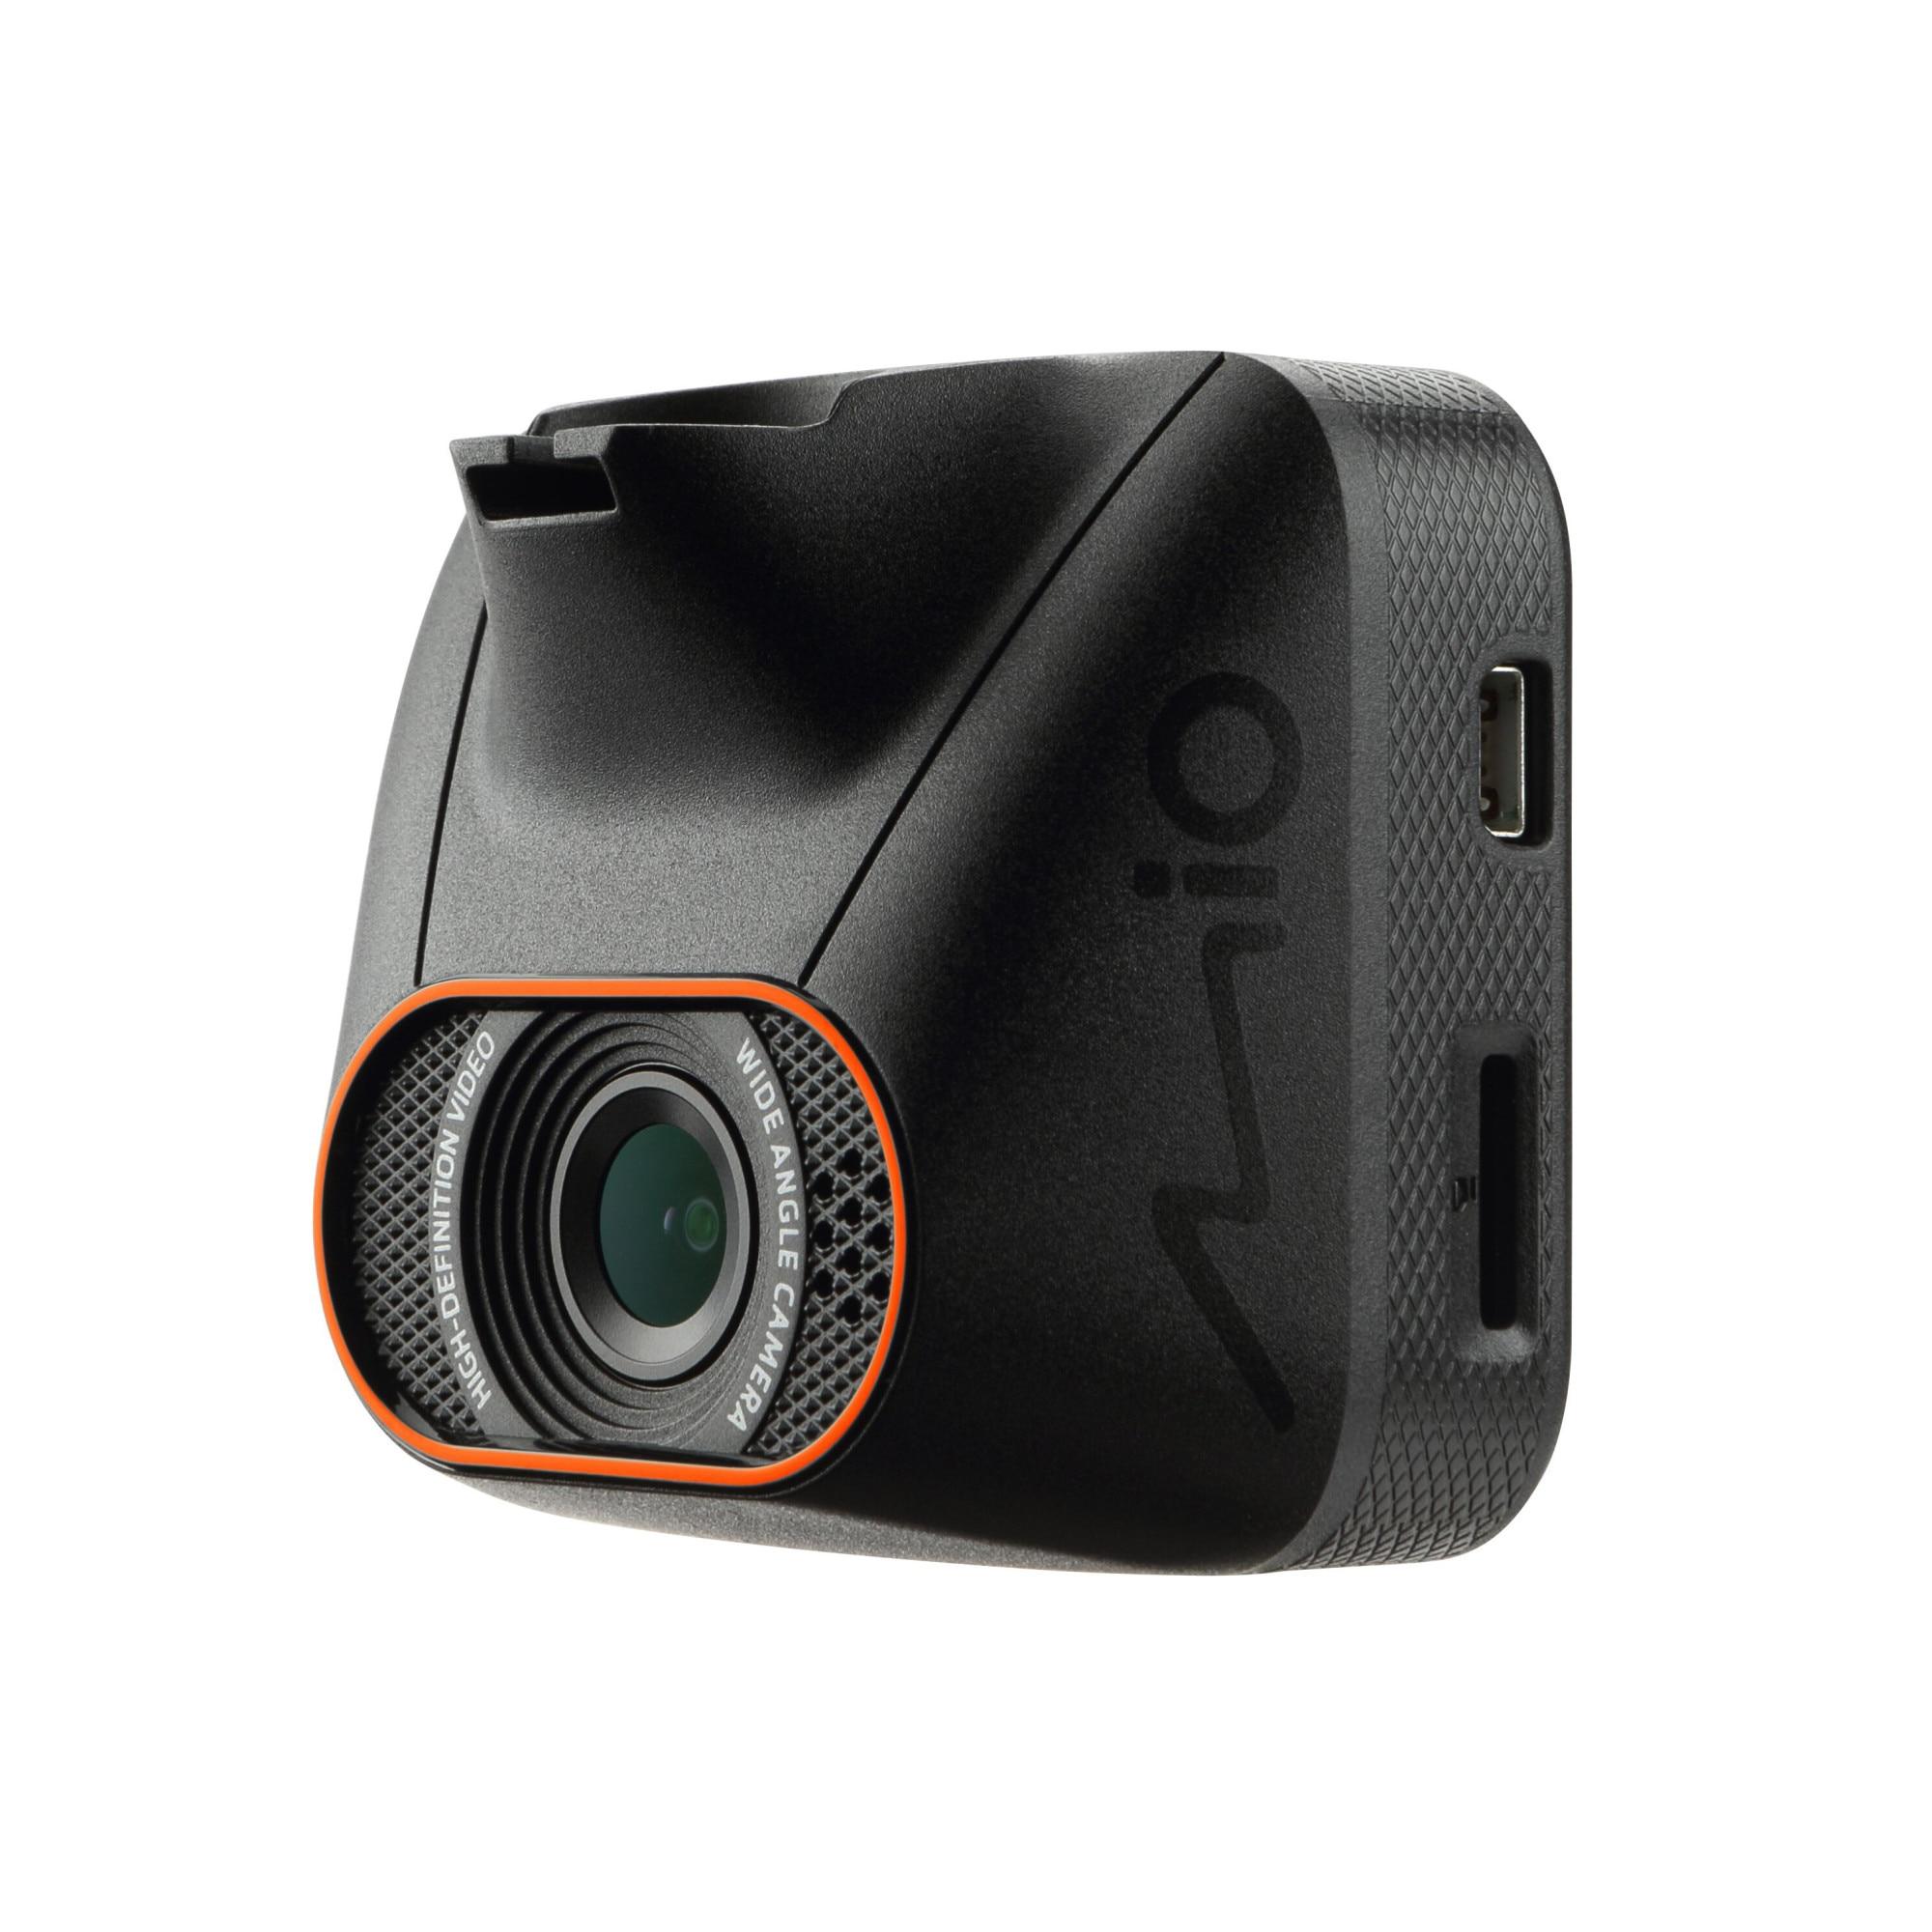 """Fotografie Camera auto DVR Mio MiVueC540, Full HD, ecran de 2"""", unghi de 130 grade, senzor G cu 3 axe, obiectiv F1,8 , negru"""